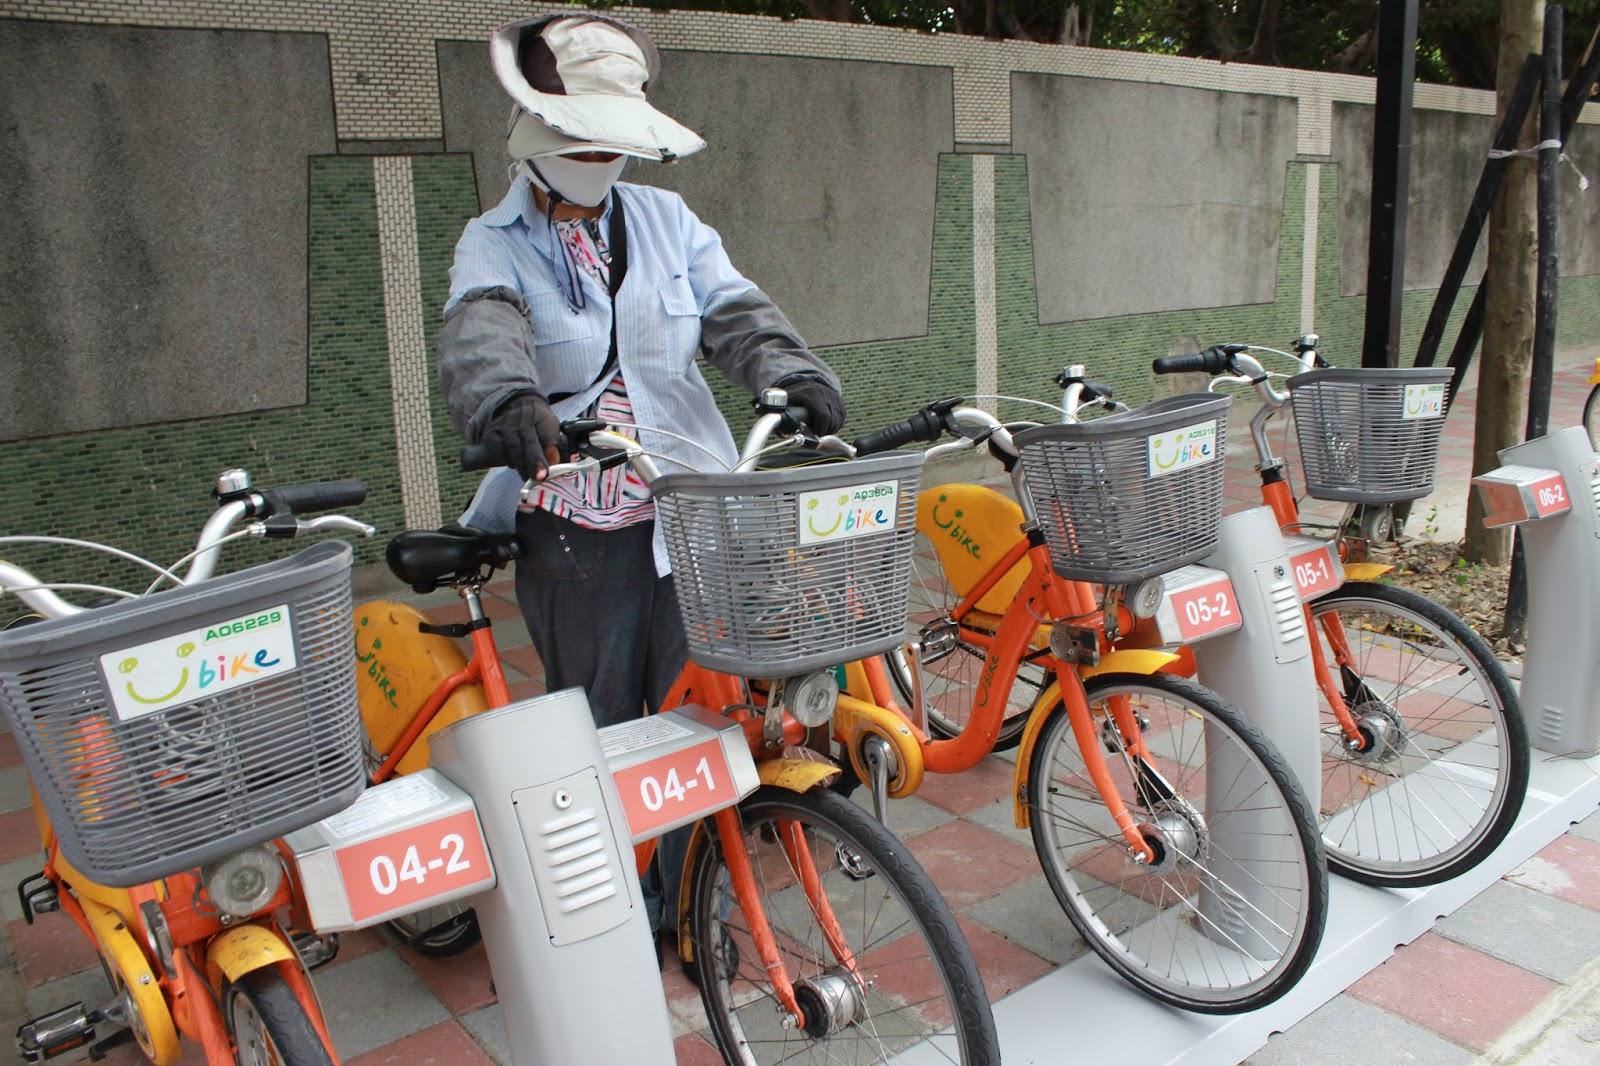 微笑單車方便行 行車安全也要顧